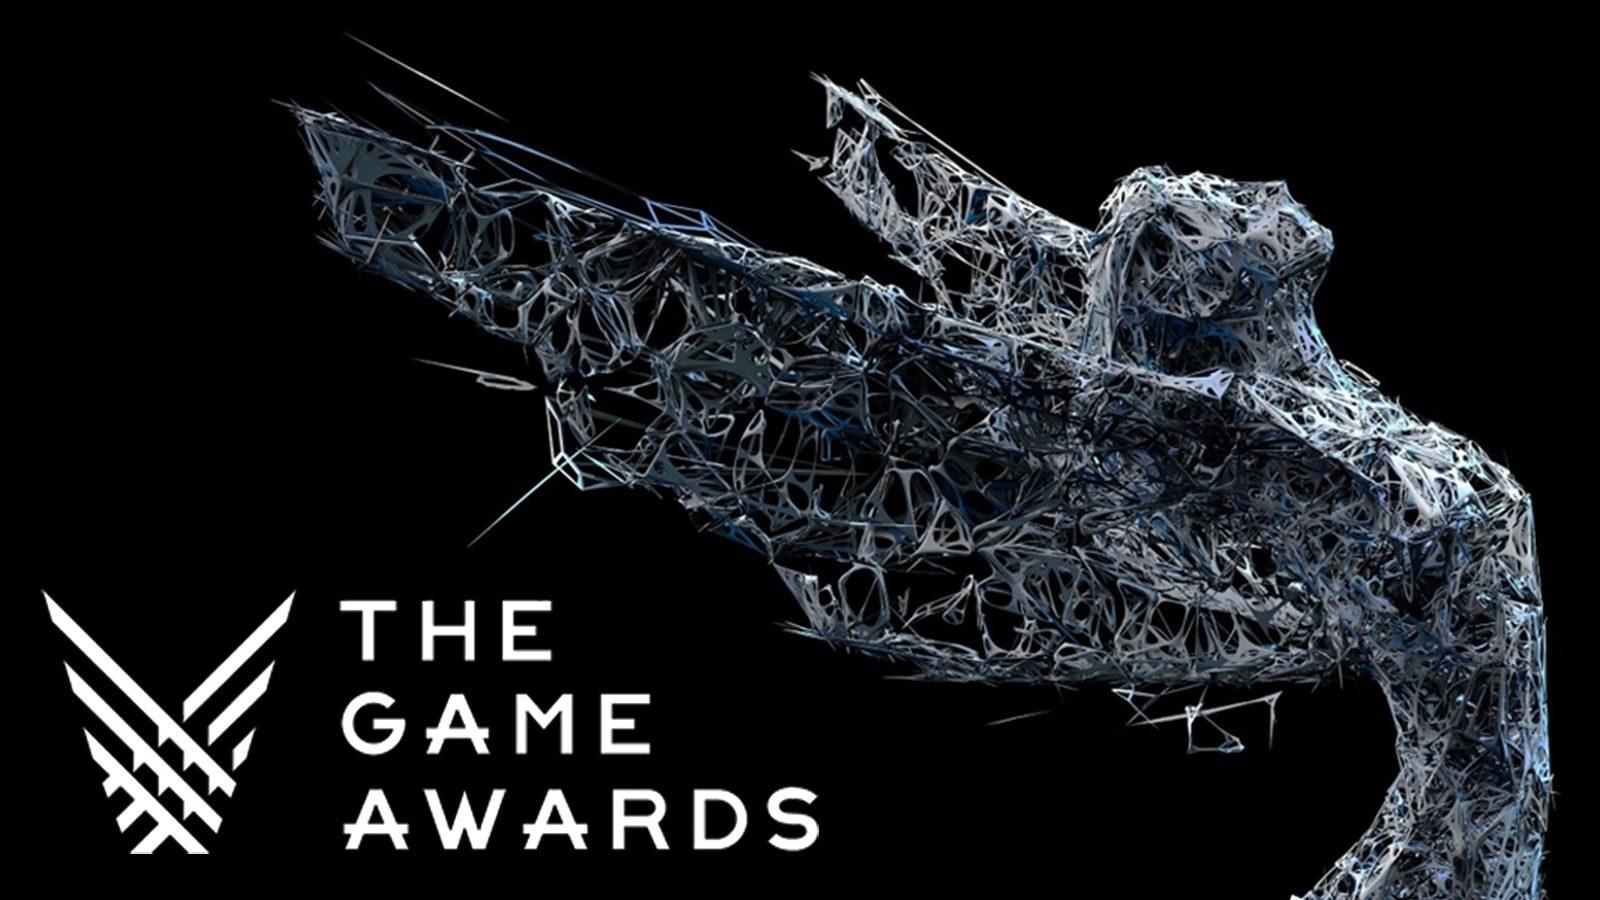 รวมตัวอย่างเกมออกใหม่และเกมที่มีอัปเดทใน The Game Awards 2018 ไว้ที่นี่ที่เดียว